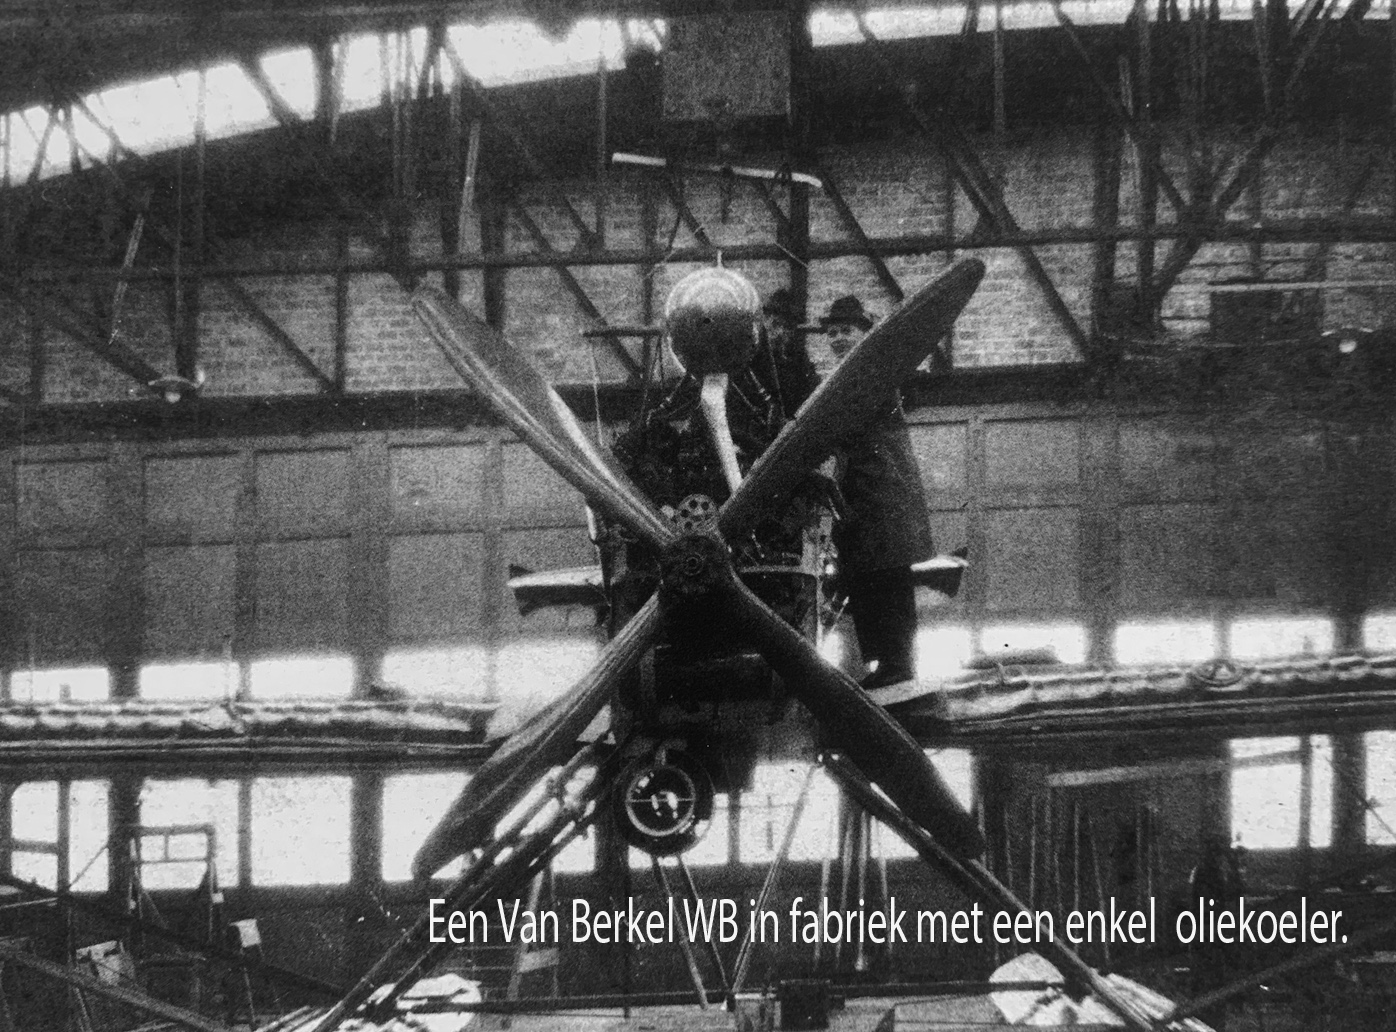 Van Berkel's Patent – Kees Aarssen